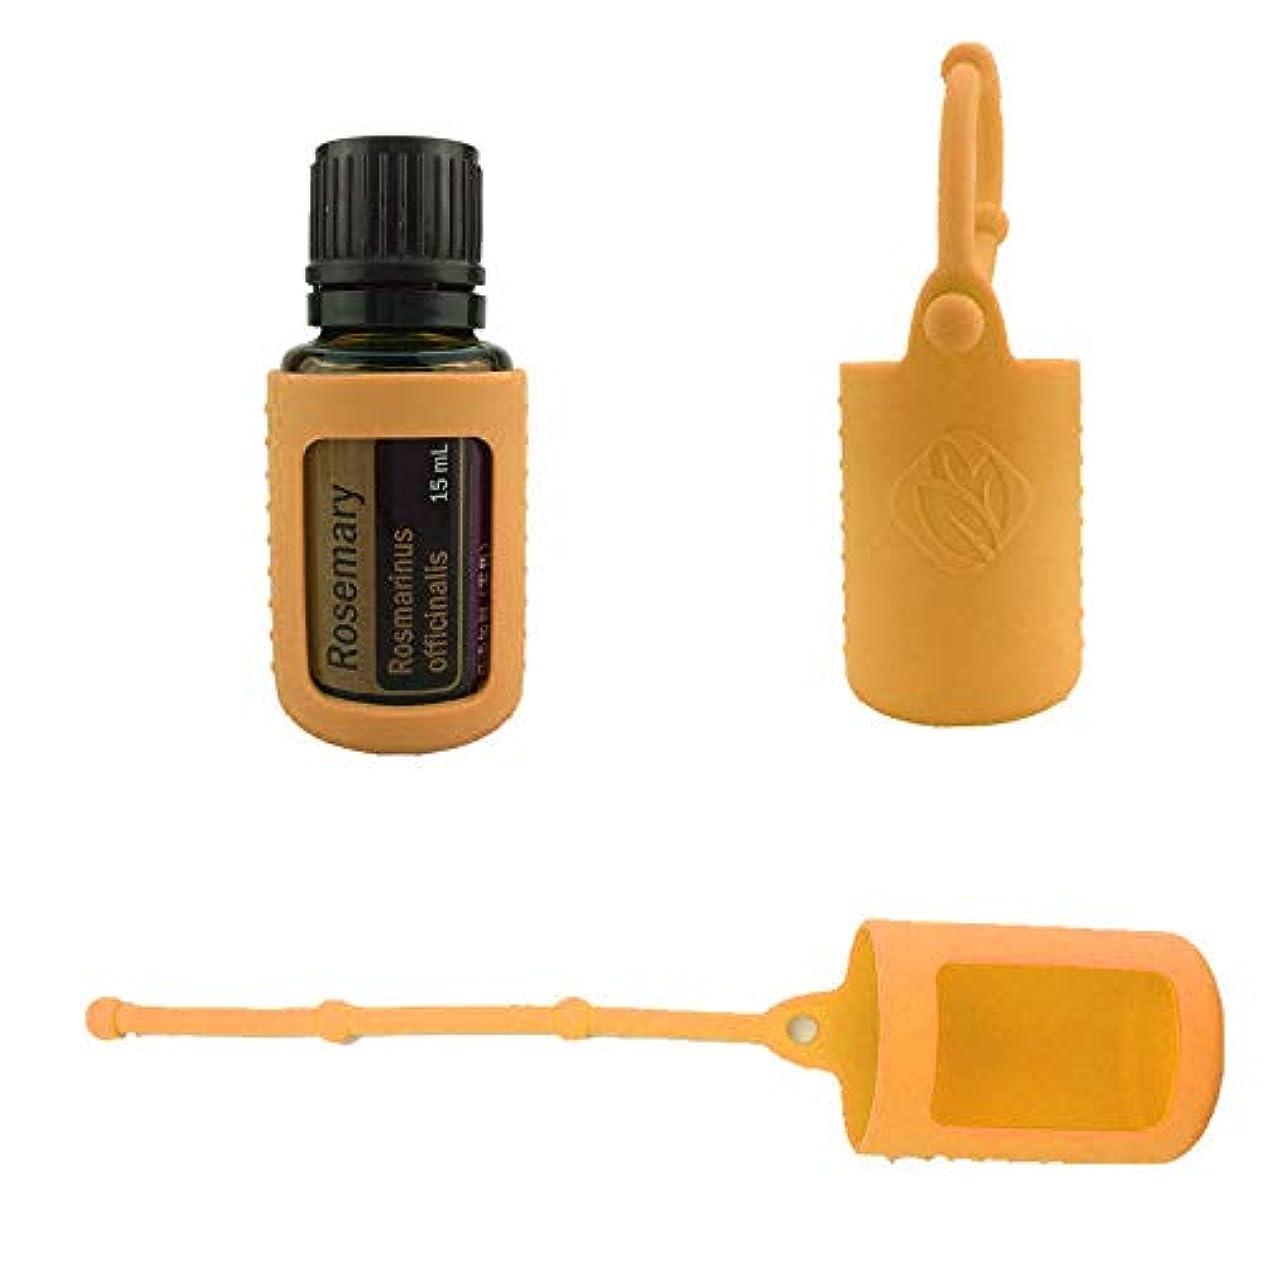 脱走シエスタミトン6パック熱望オイルボトルシリコンローラーボトルホルダースリーブエッセンシャルオイルボトル保護カバーケースハングロープ - オレンジ - 6-pcs 15ml